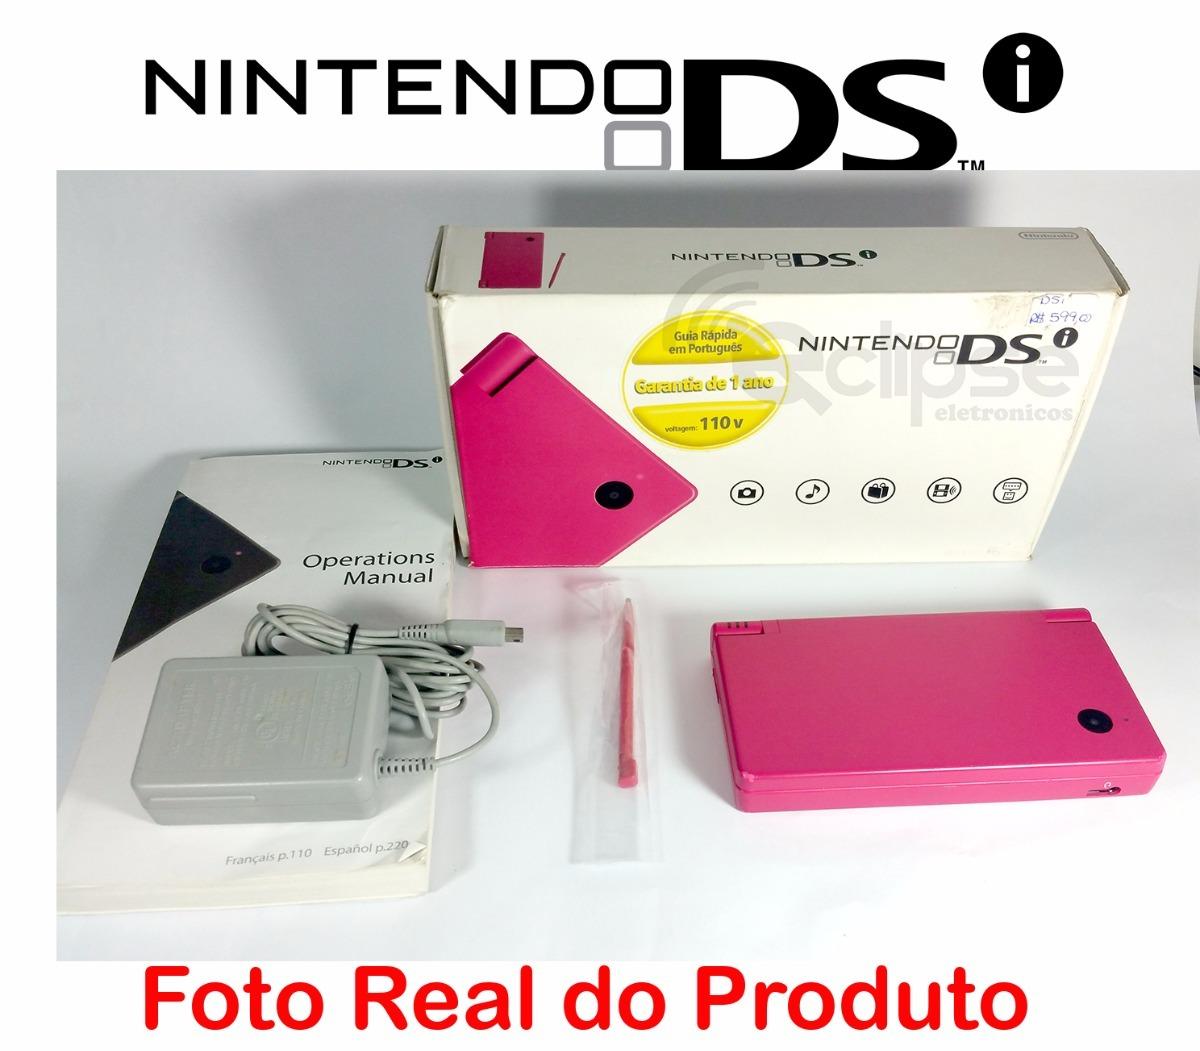 nintendo dsi envio imediato game portatil novo de vitrini r 520 rh produto mercadolivre com br Nintendo DSi ManualDownload Nintendo DSi Logo